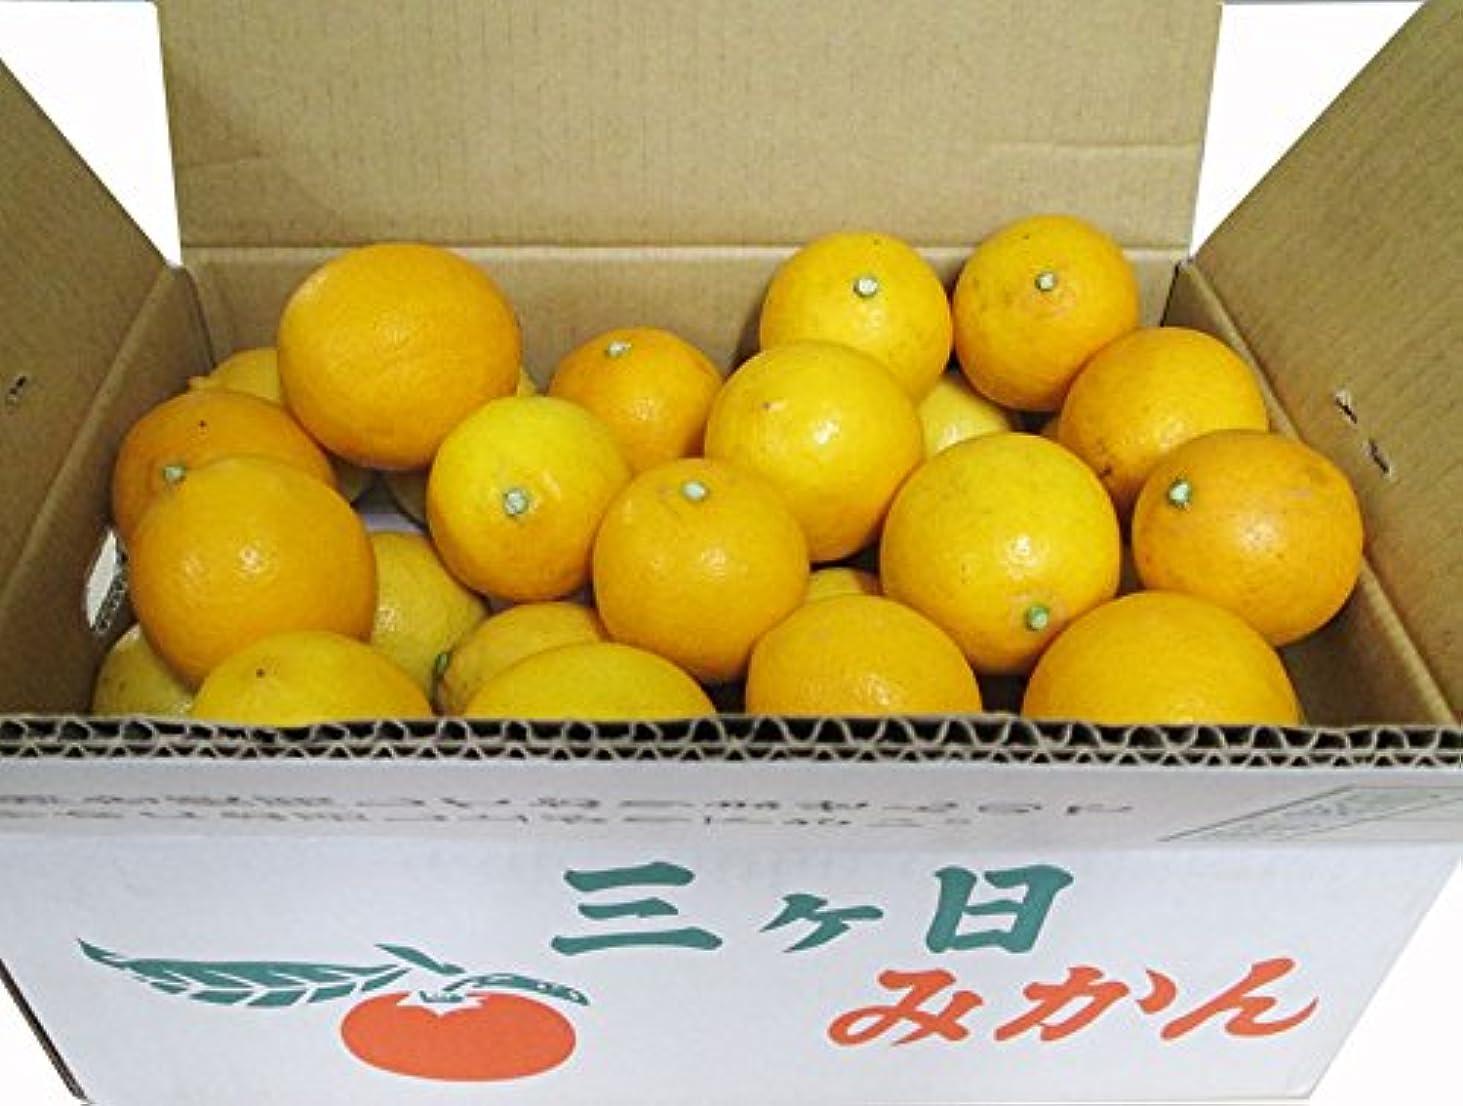 上陸選択真っ逆さまメキシコ産 フレッシュ キーライム (  中南米 レモン / ライム  ) 1.5kg